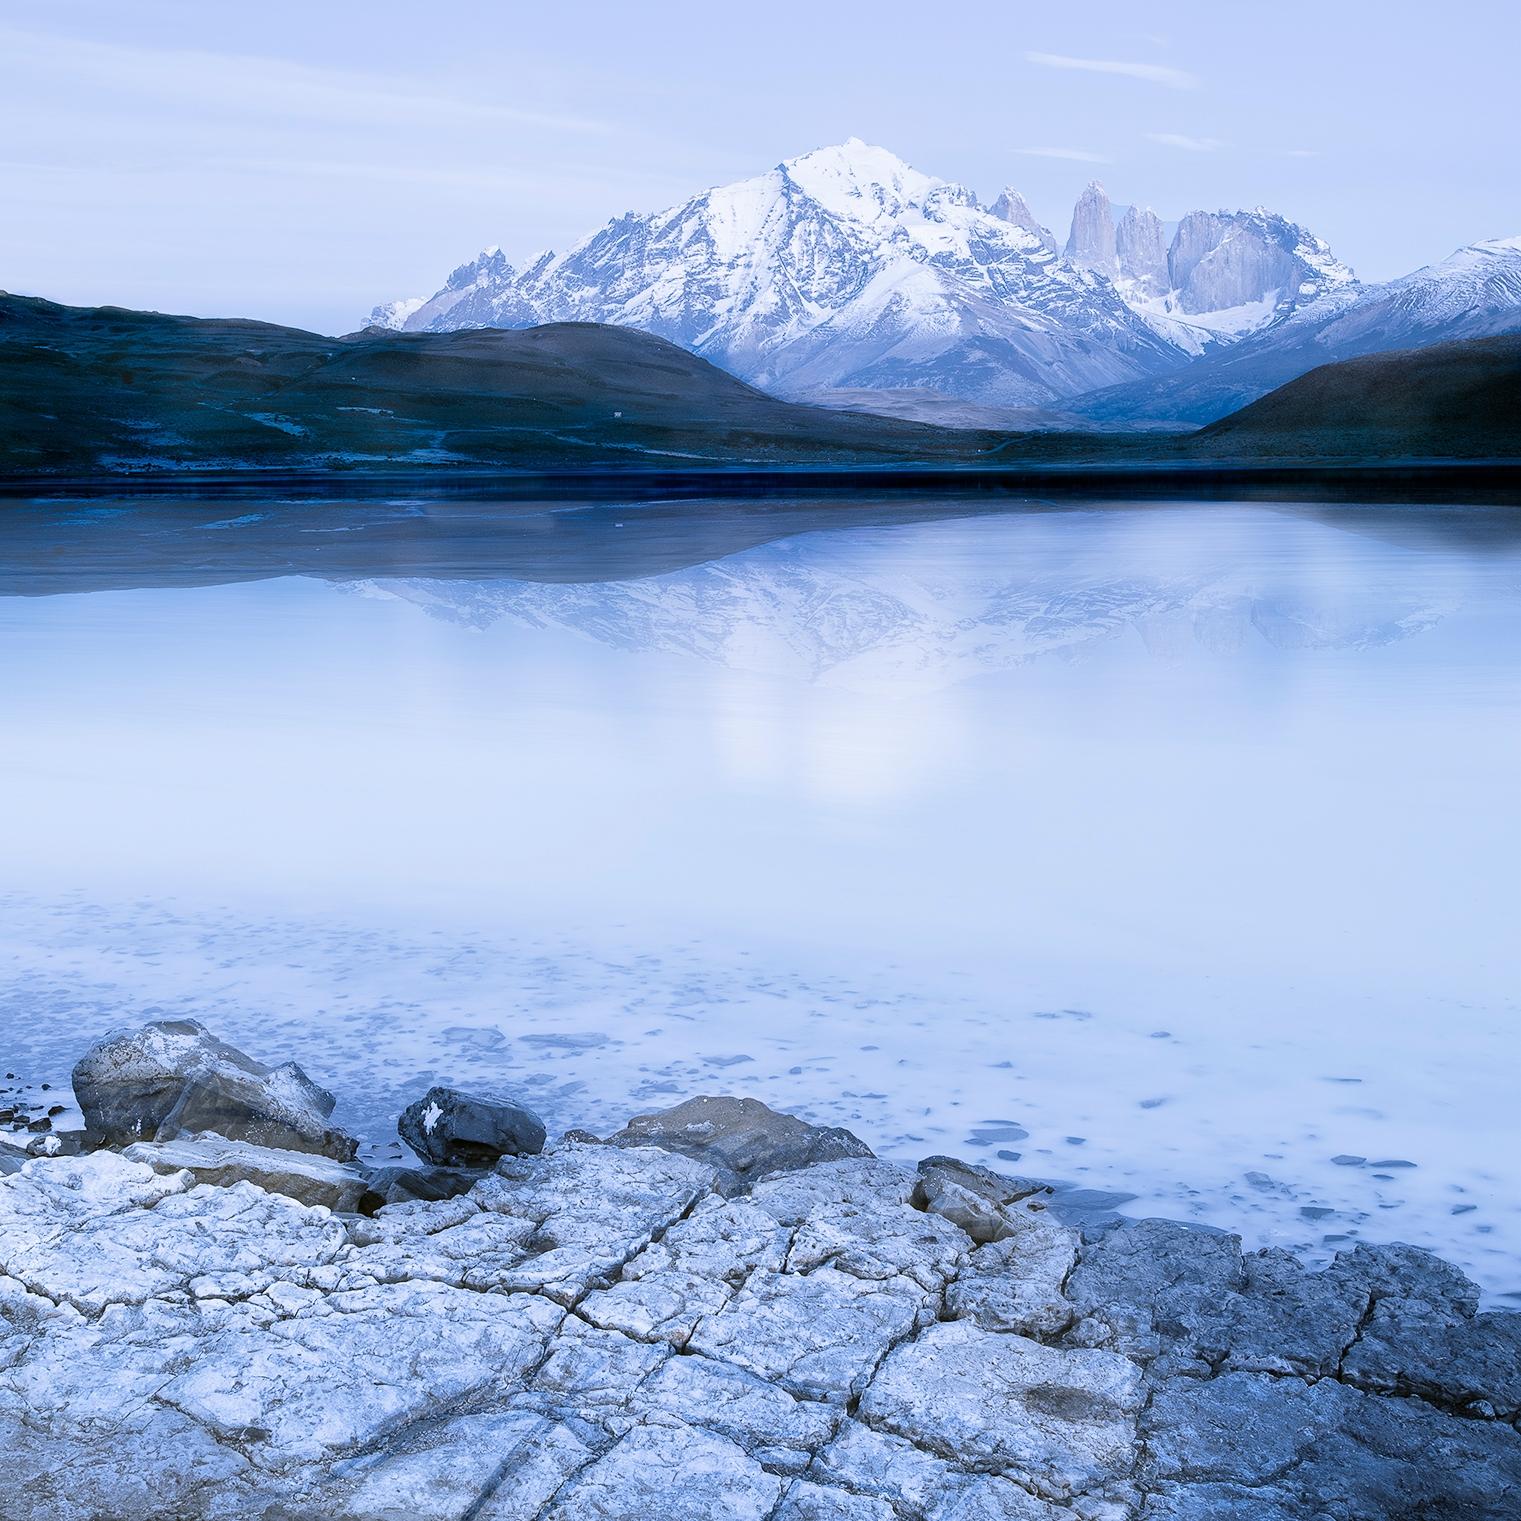 Lago Armaga, study#1 - Torres del Paine, Patagonia